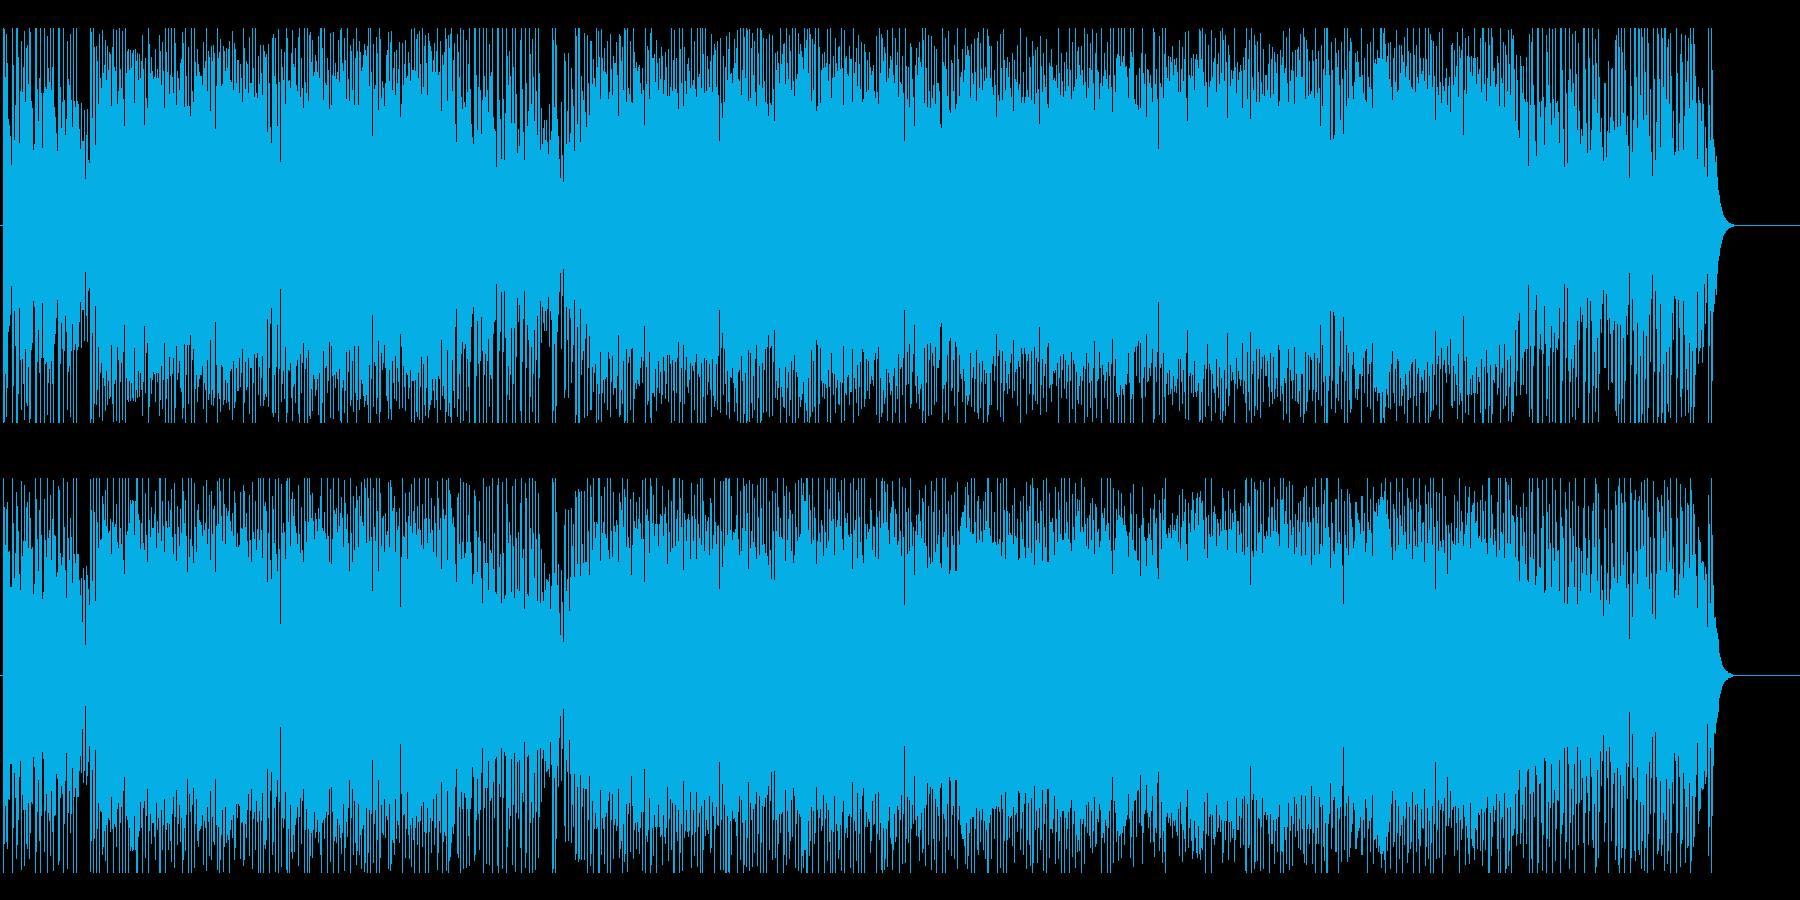 楽しい にぎやか いきいき はつらつの再生済みの波形